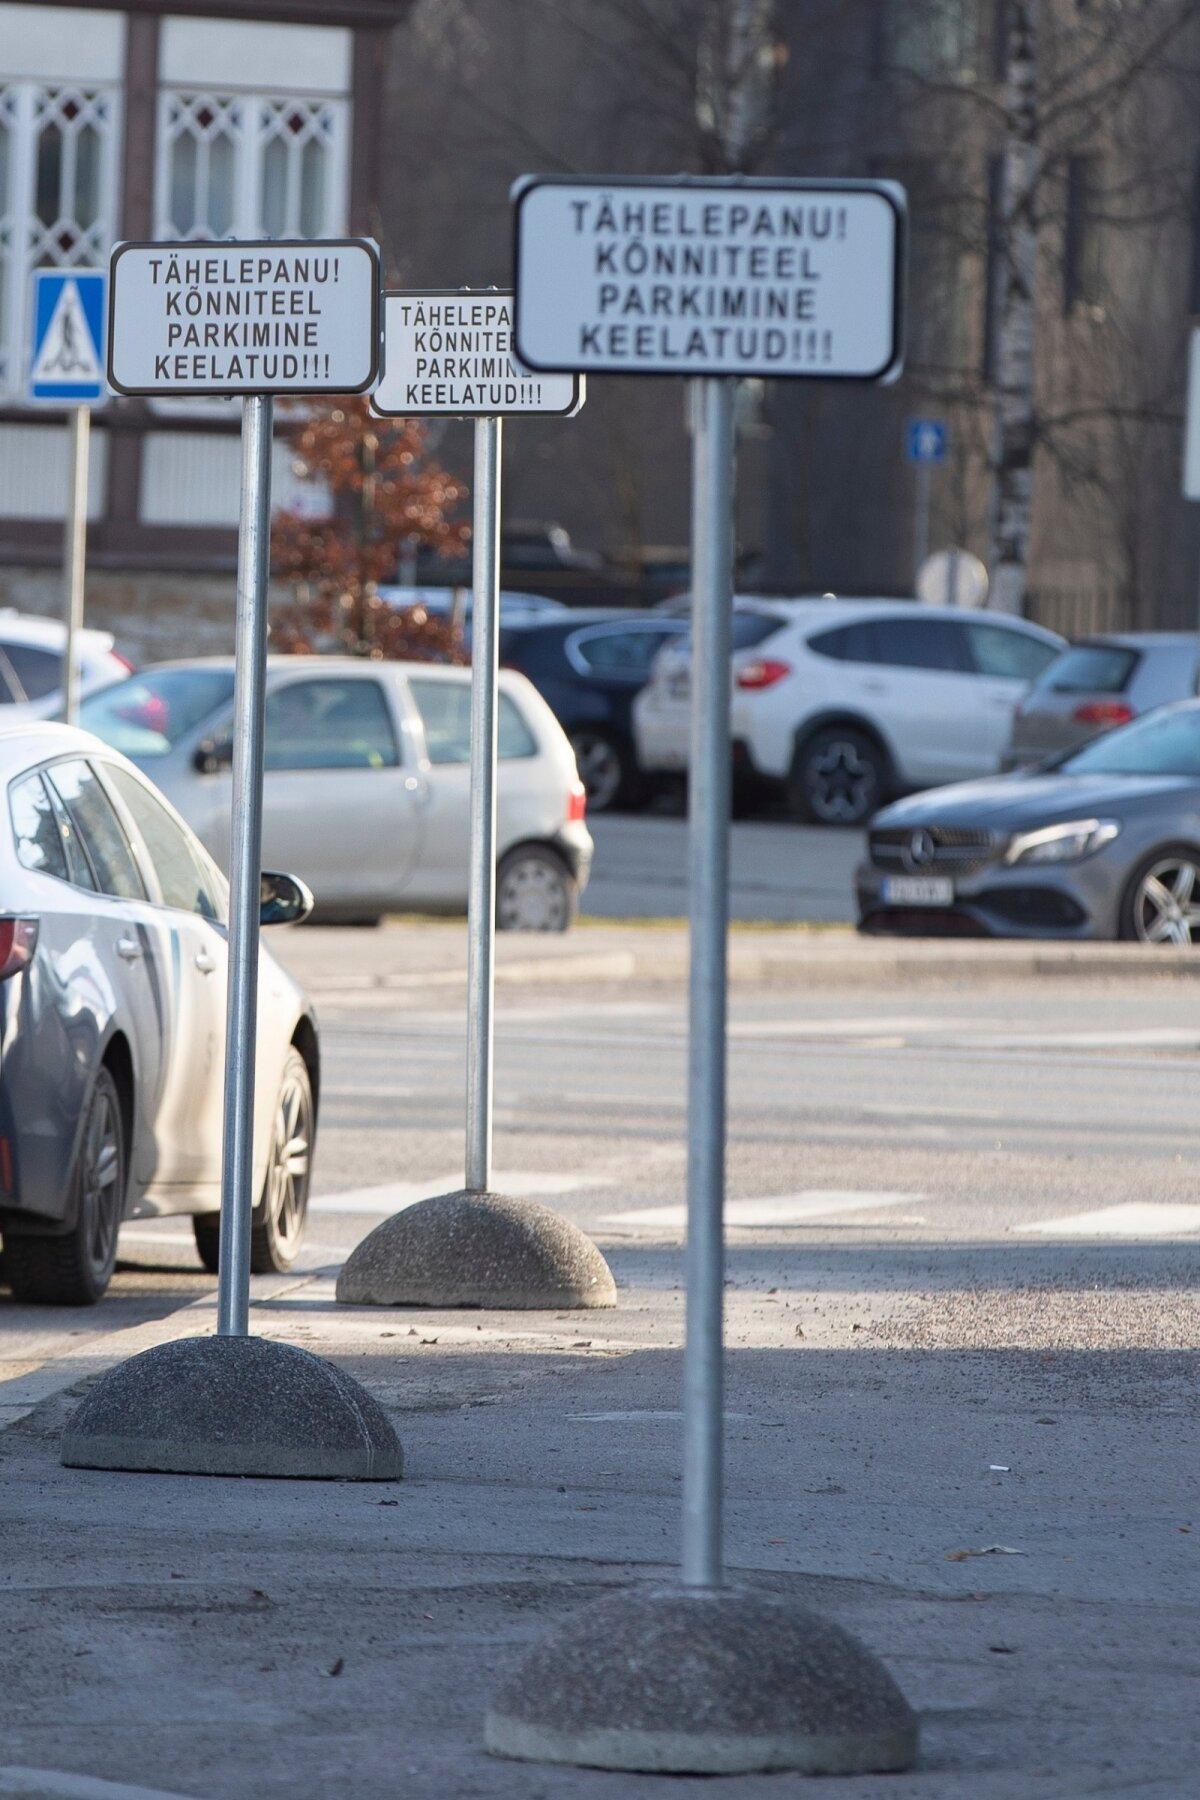 KORDAMINE ON TARKUSE EMA VÕI PEAB LINN KESKERAKONDLASI ERITI TUHMIDEKS? Keskerakonna juhitav Tallinna linn on sättinud Keskerakonna peakontori ette lausa kuus silti, et kõnniteel ei tohi parkida.